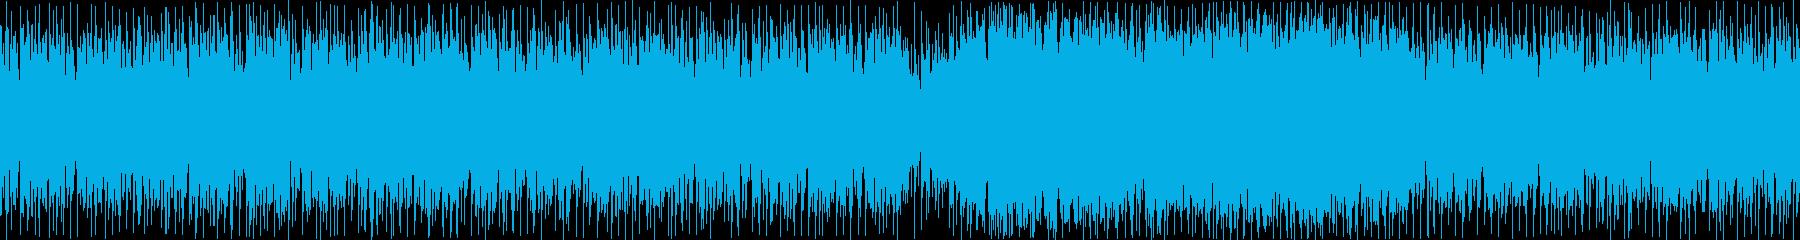 危険/緊急事態/四つ打ち/ループの再生済みの波形